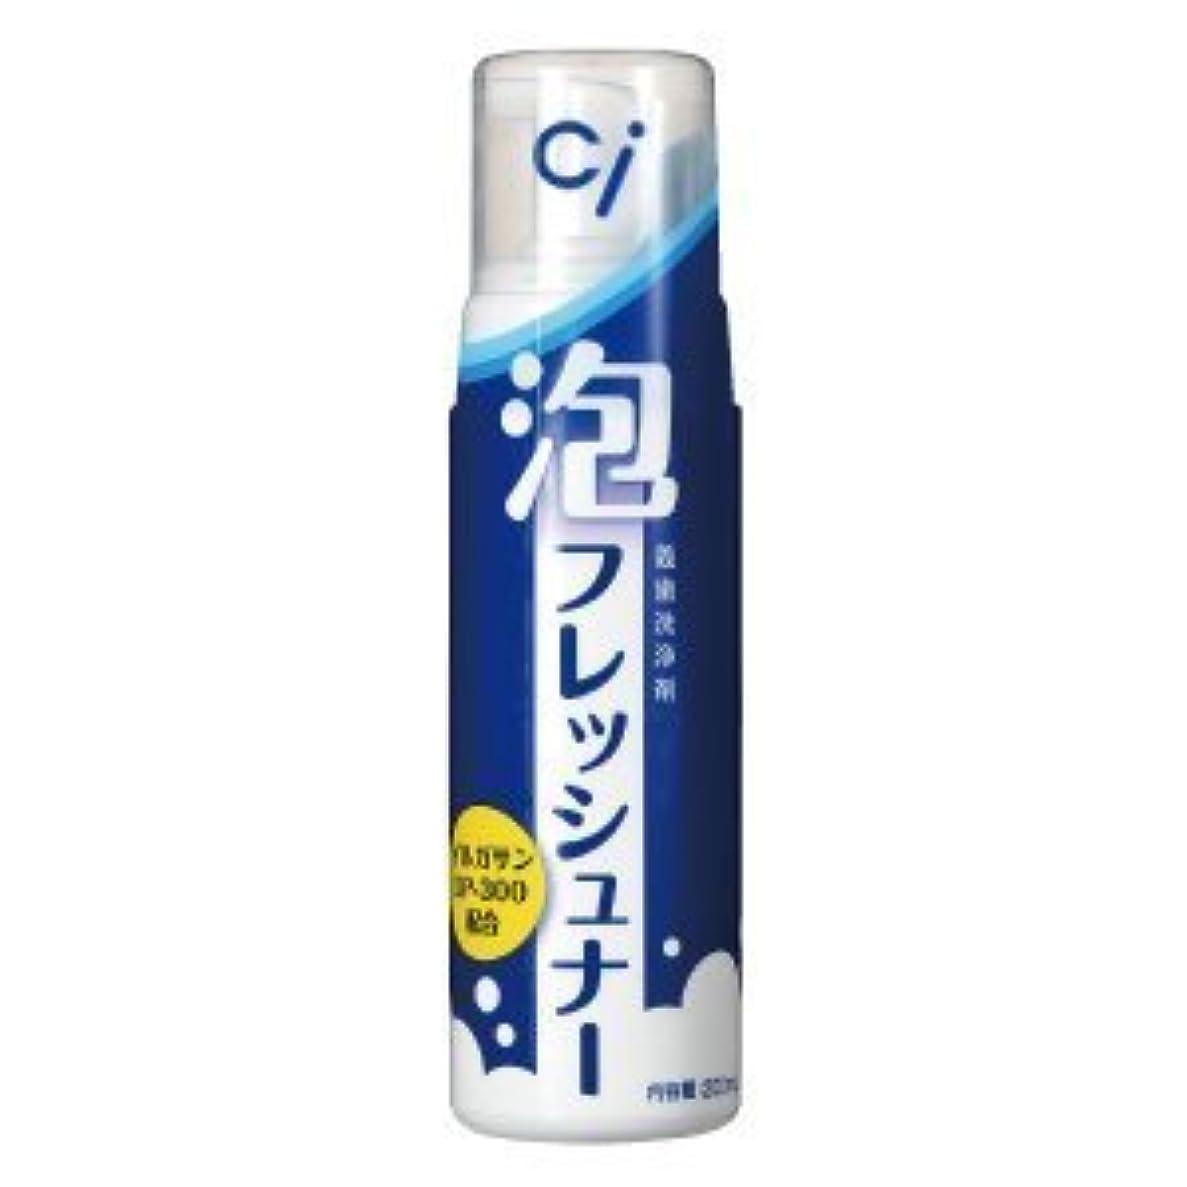 命令的コンテンポラリー有能なCi 泡フレッシュナー 義歯洗浄剤 1本(200ml)